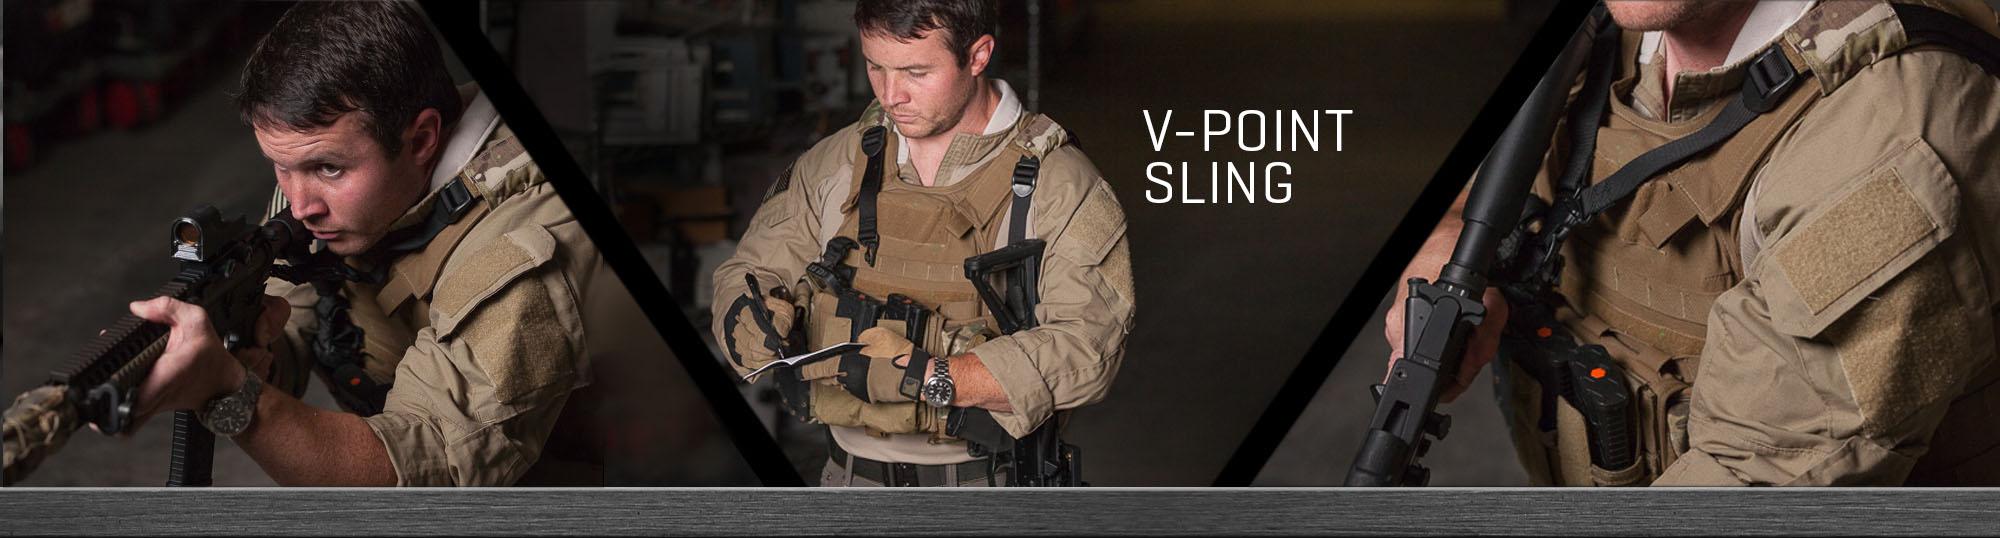 V-Point Sling